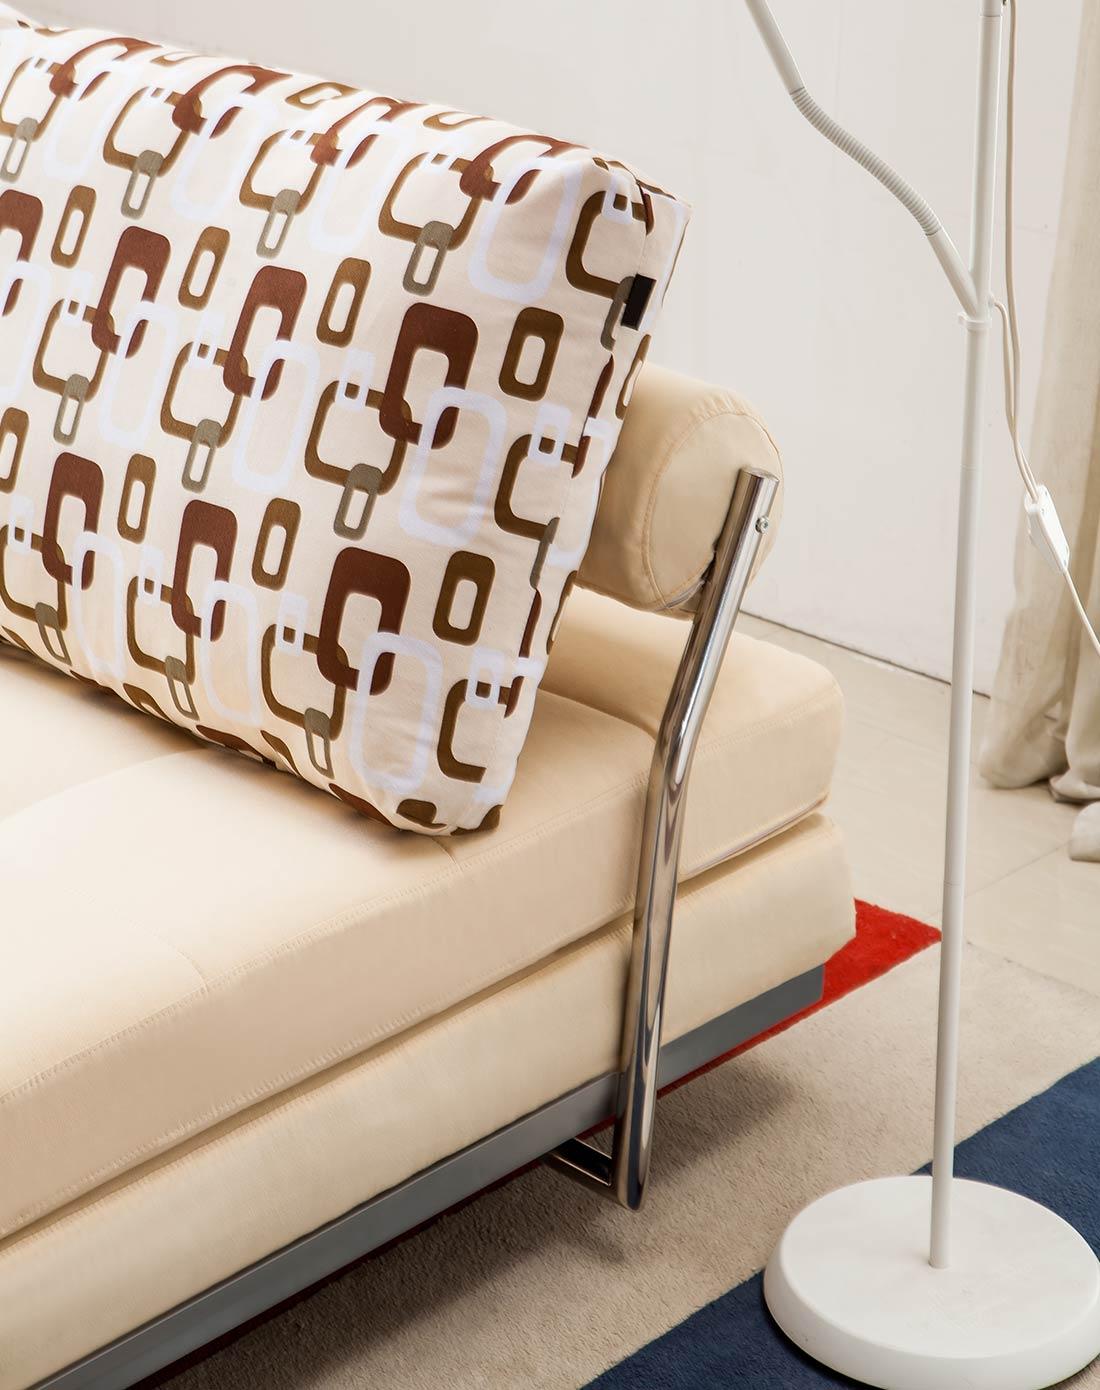 多功能钢架结构折叠沙发床 卡其色